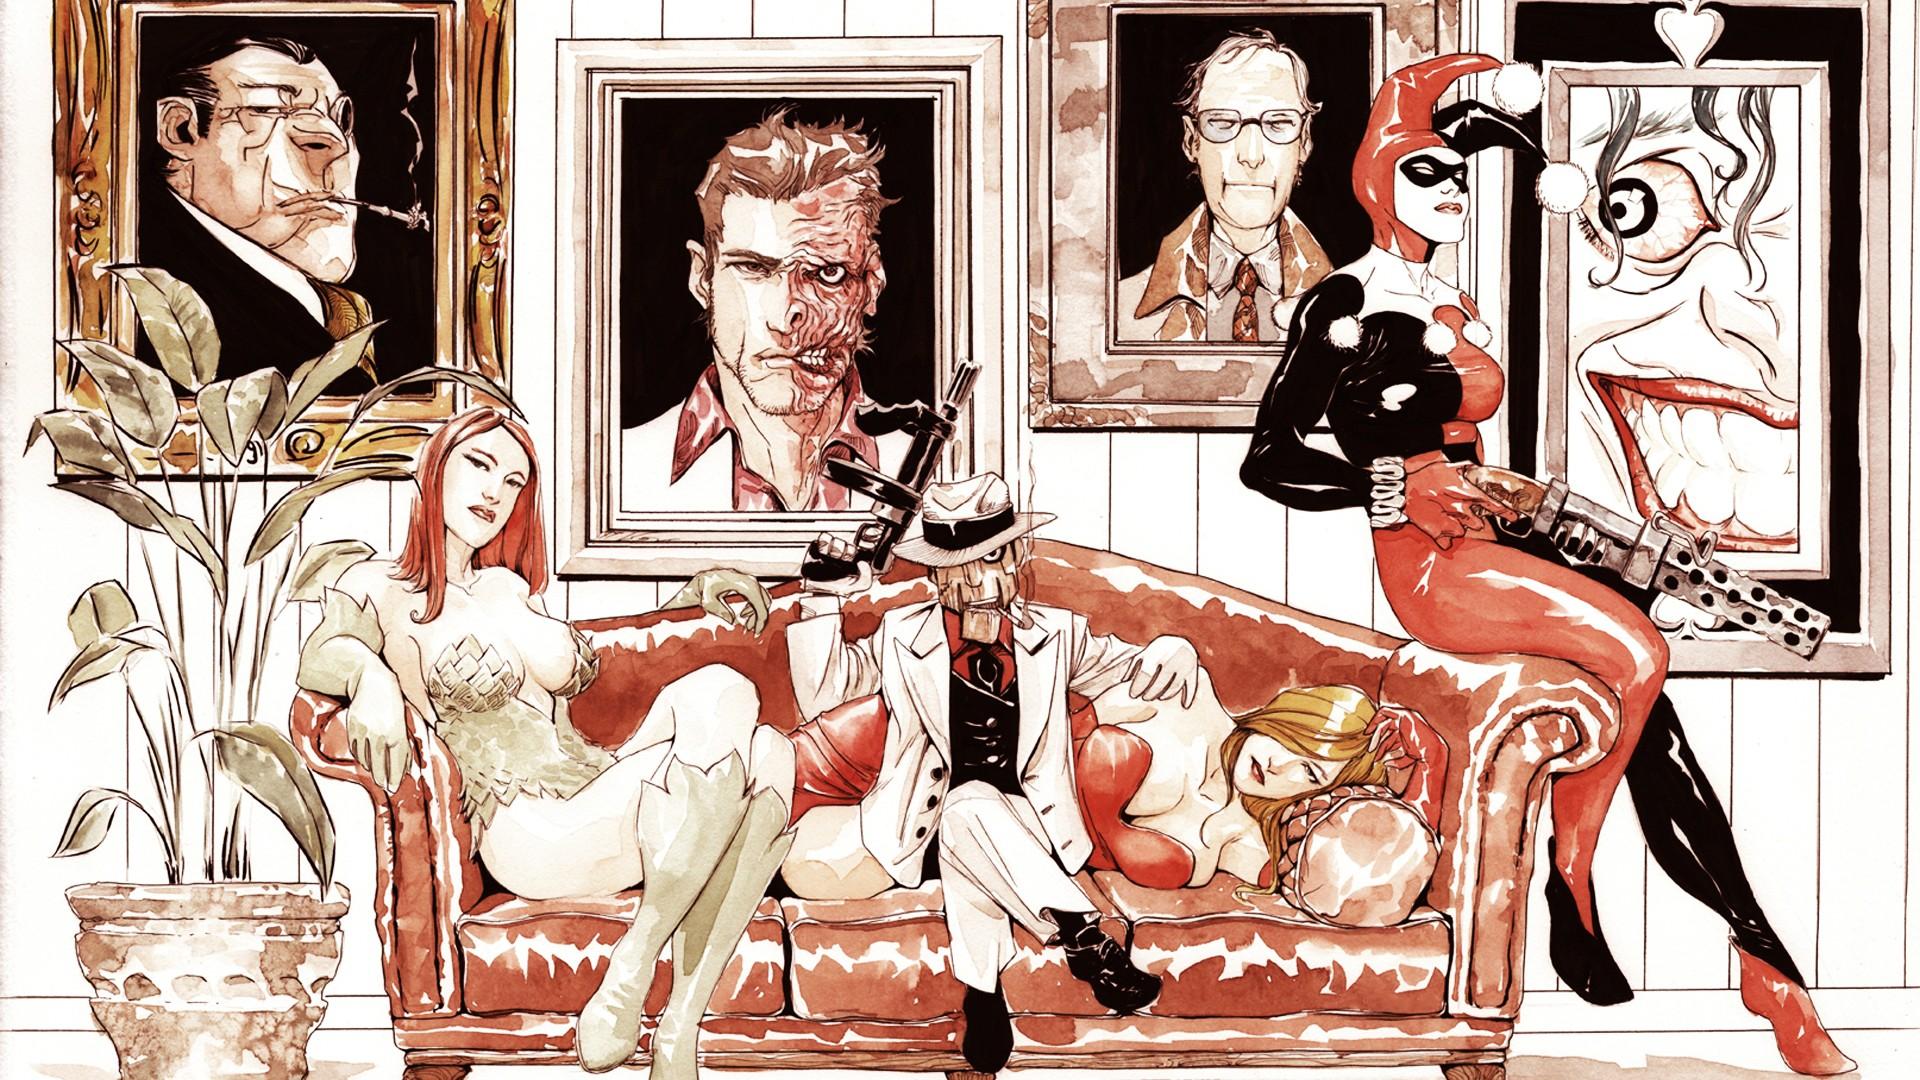 Wallpaper Illustration Joker Cartoon Dc Comics Harley Quinn